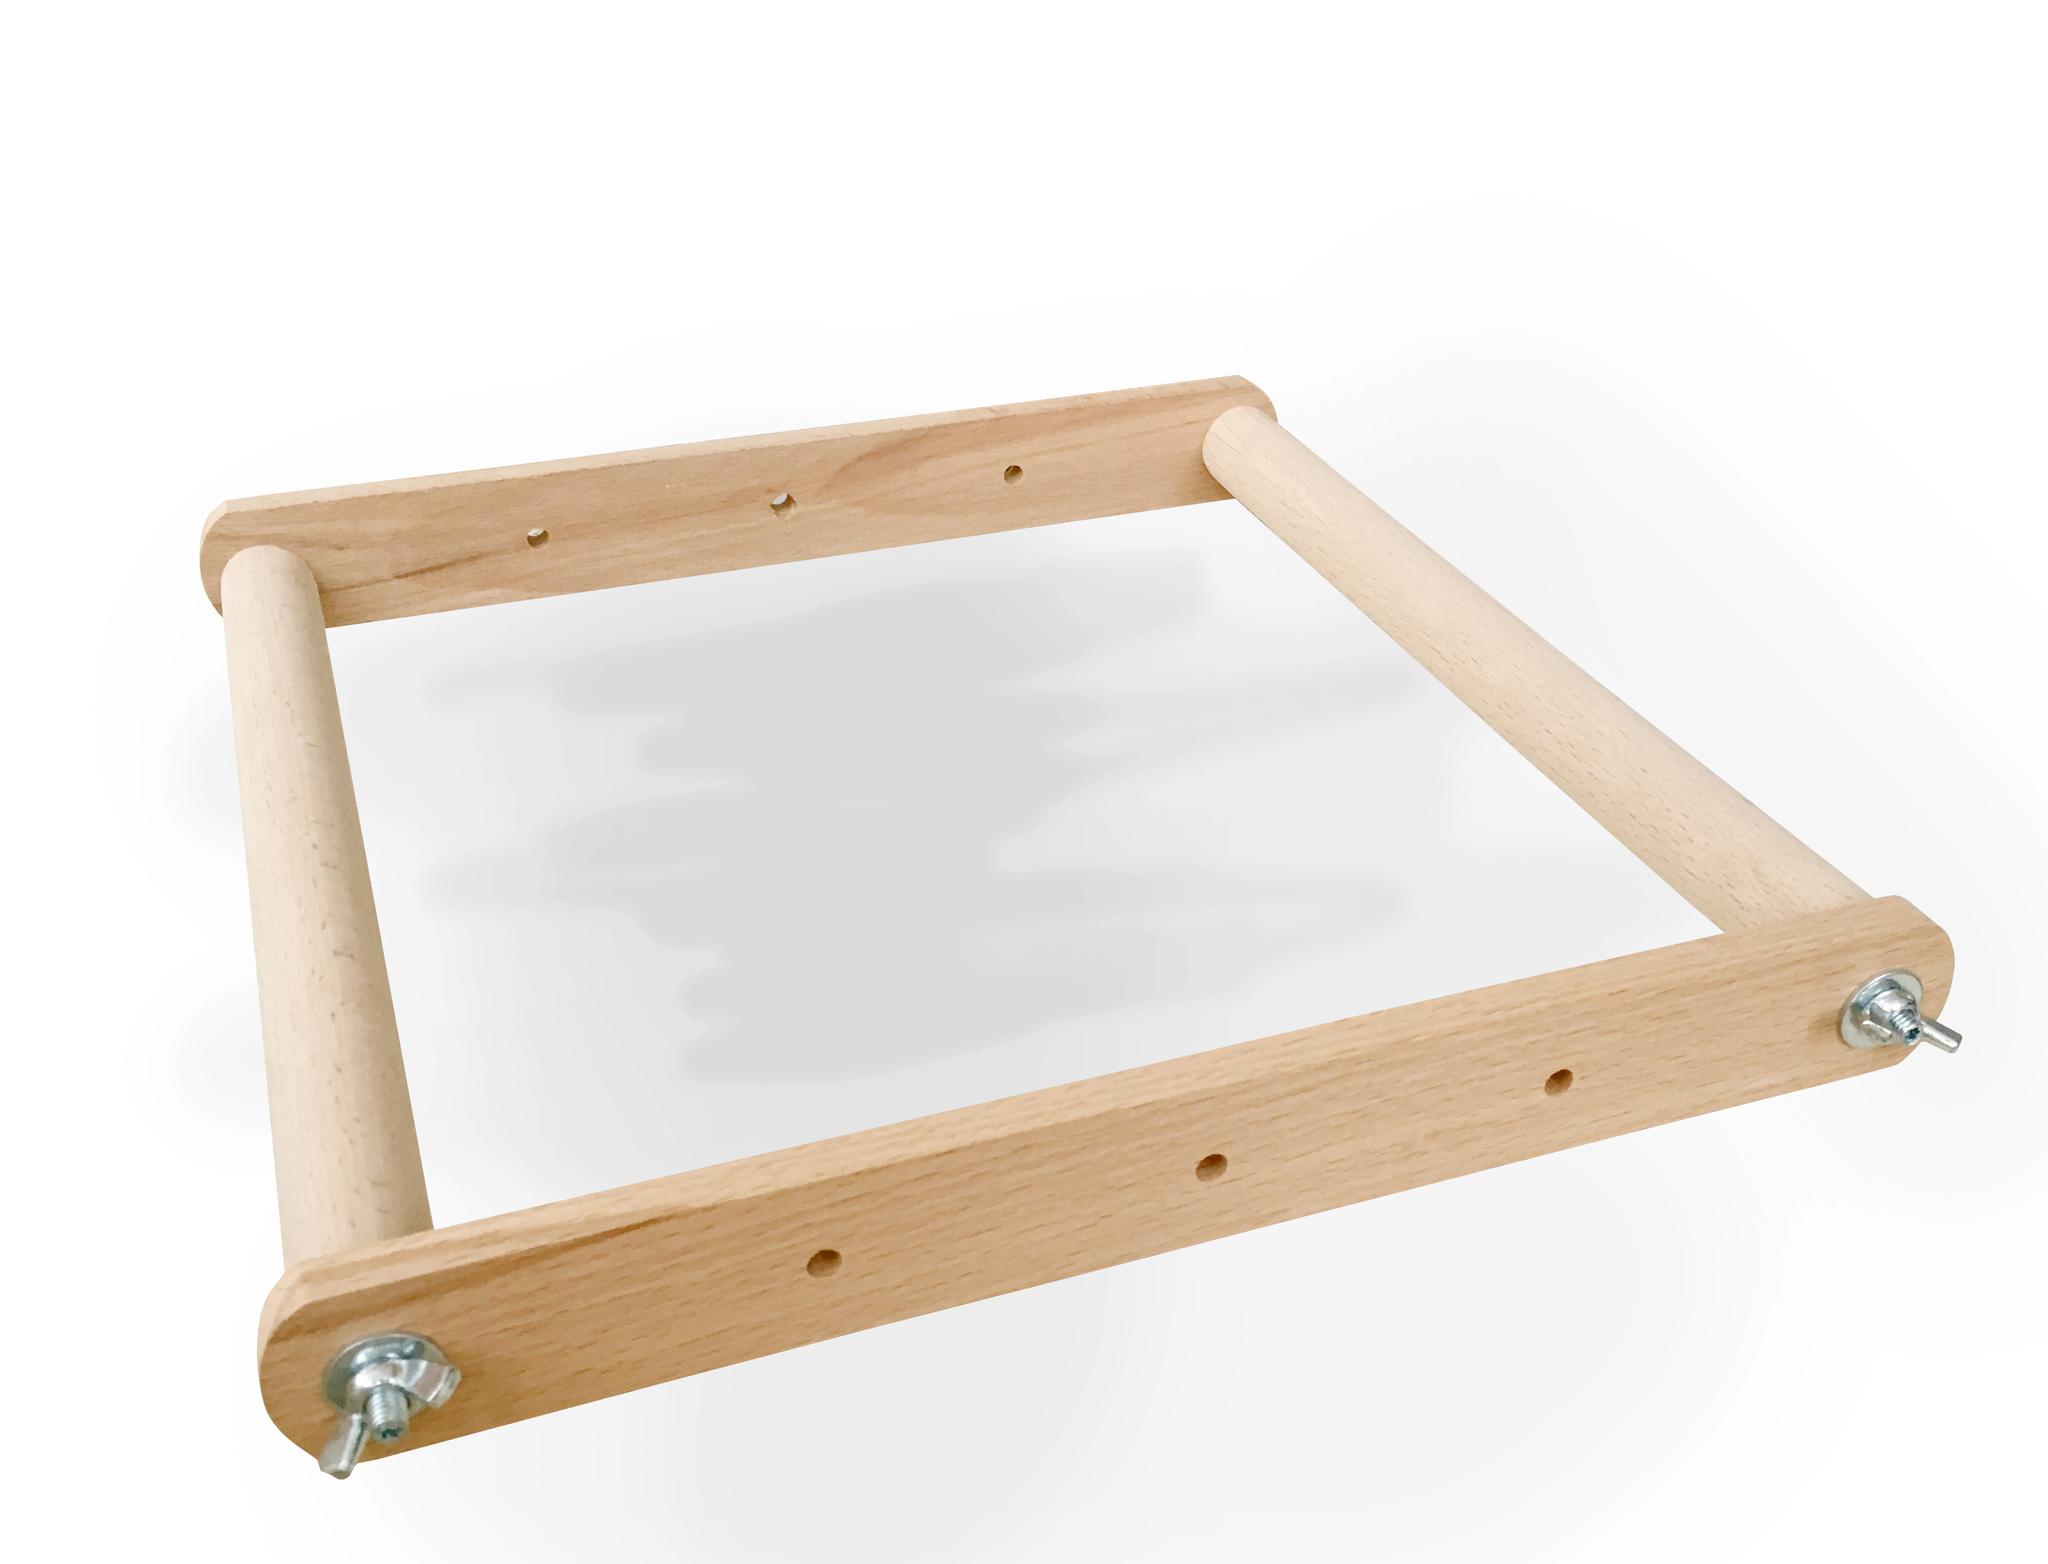 #ПростоПяльца Пяльцы-рамка 30х50 см рамка.jpg